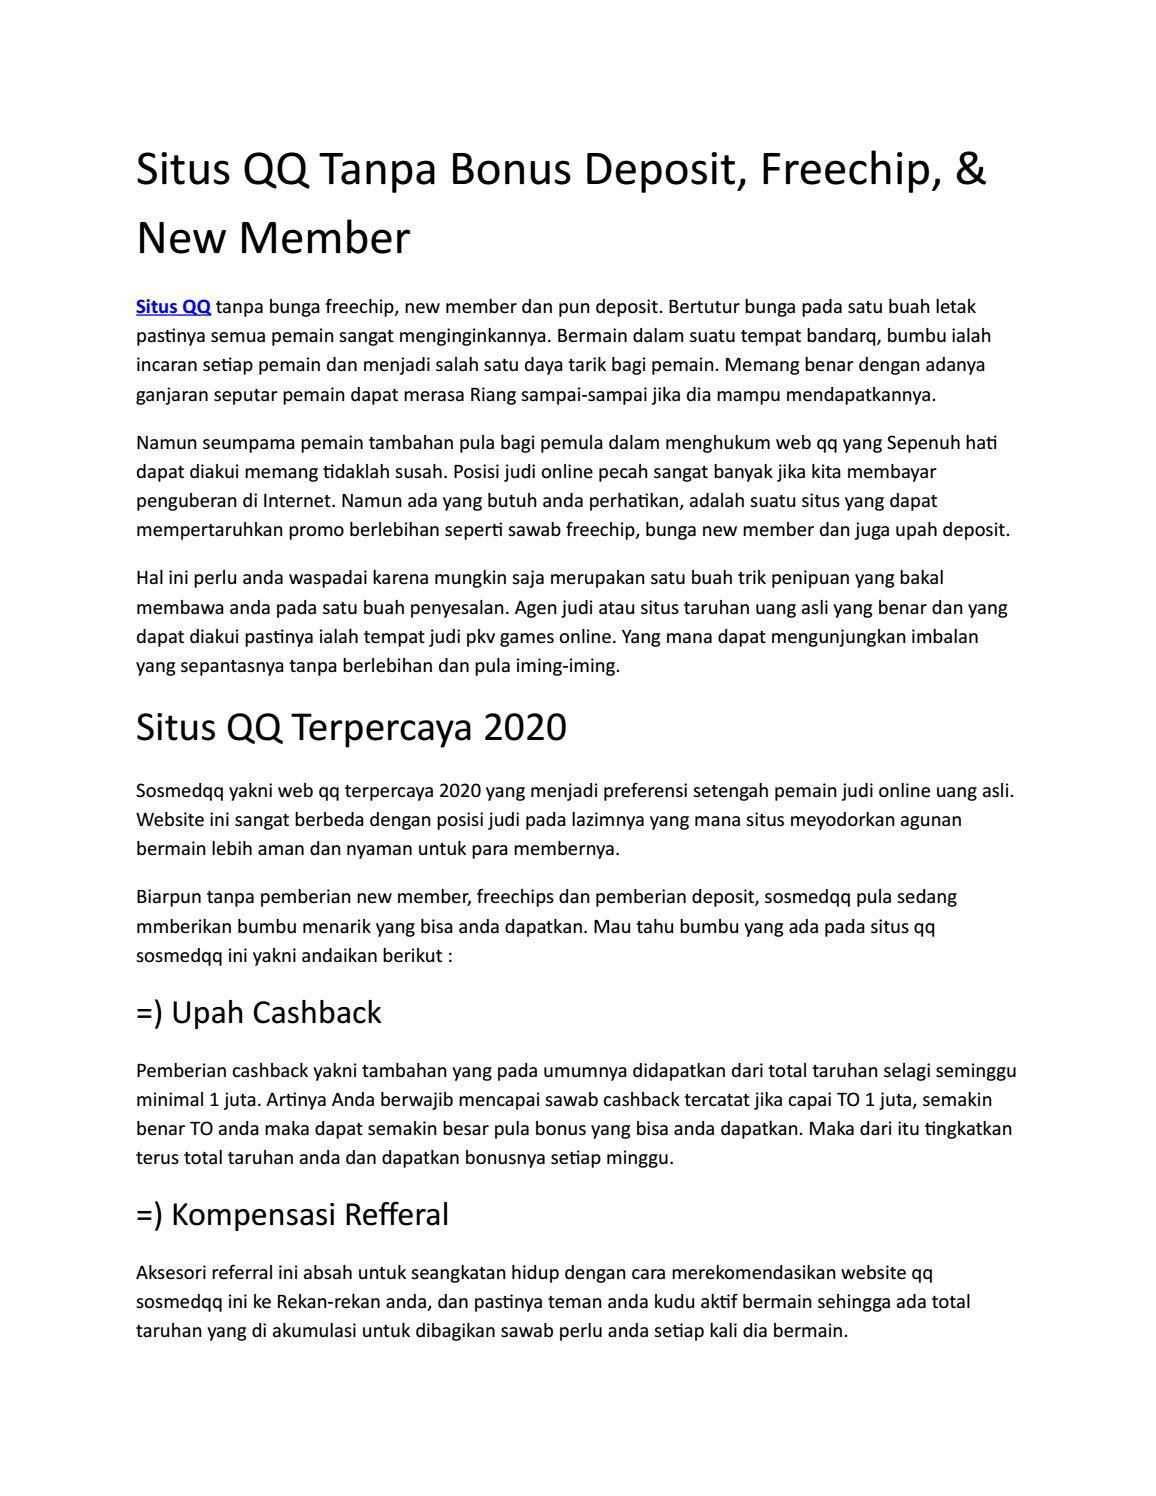 Situs Qq Tanpa Bonus Deposit Freechip New Member By Smilgwen76 Issuu